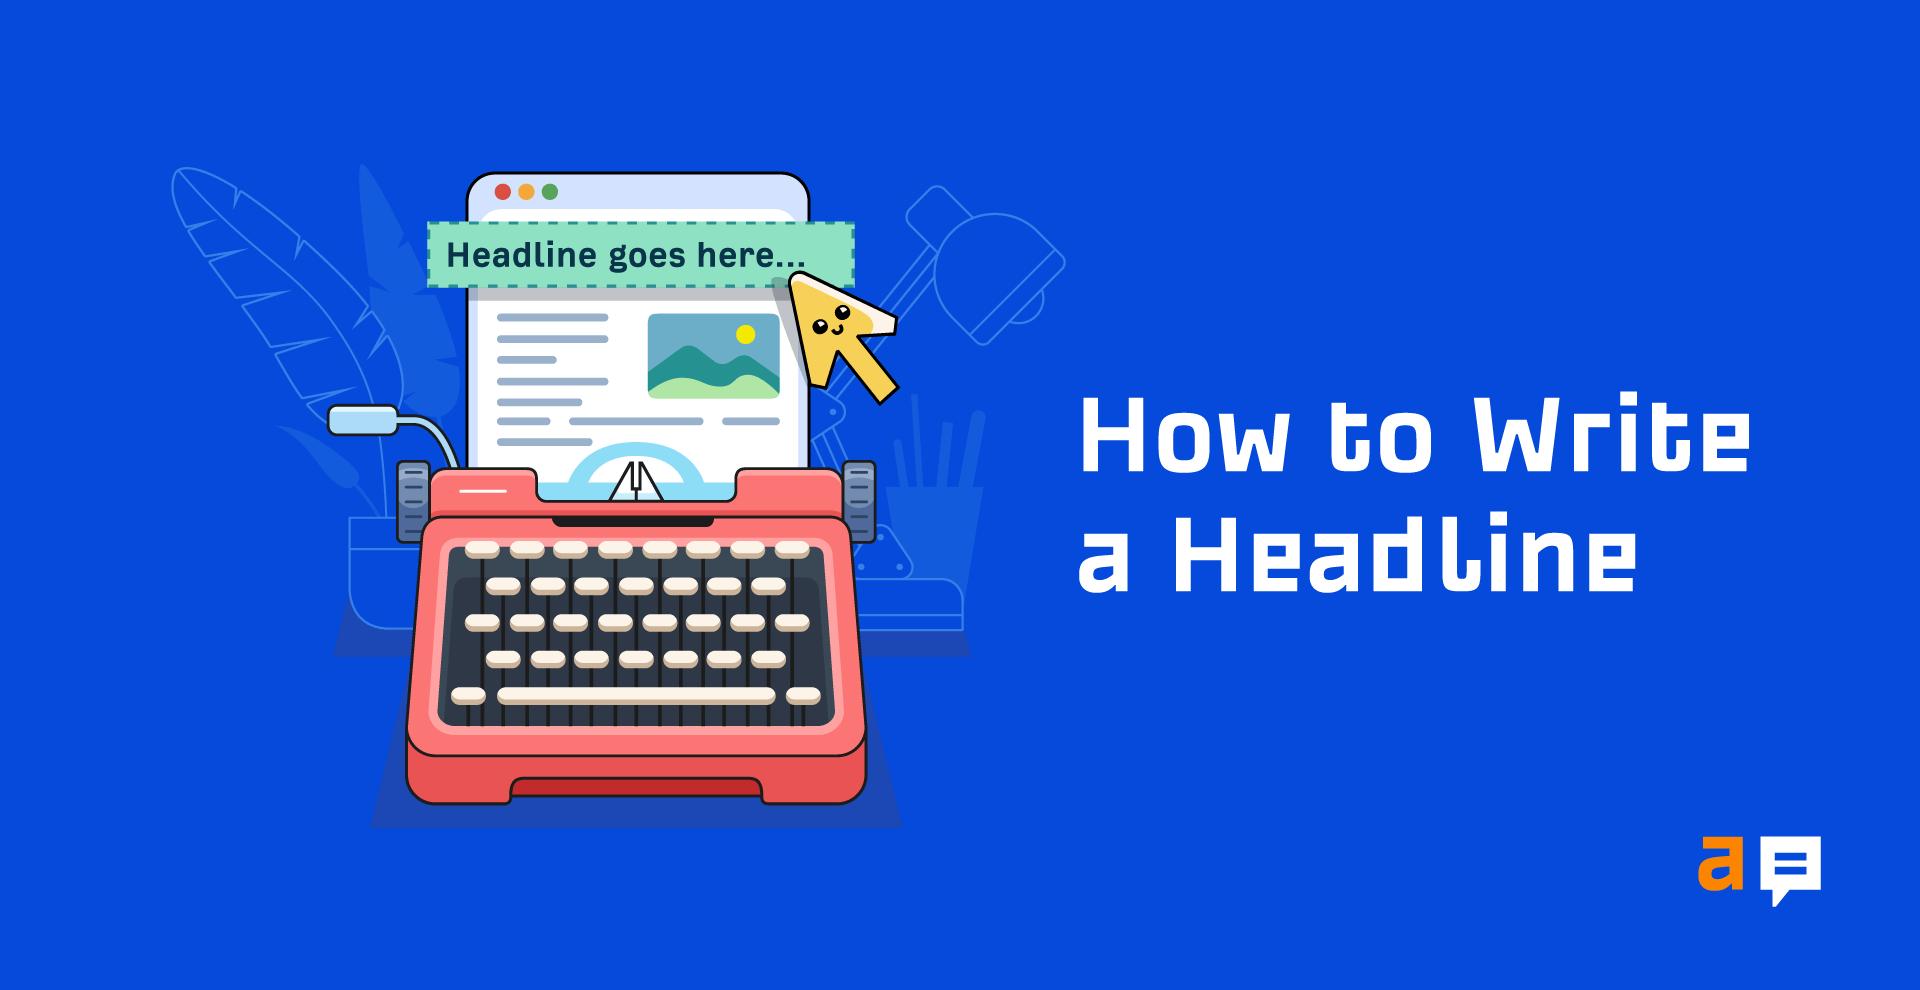 Comment écrire un titre irrésistible en 3 étapes faciles